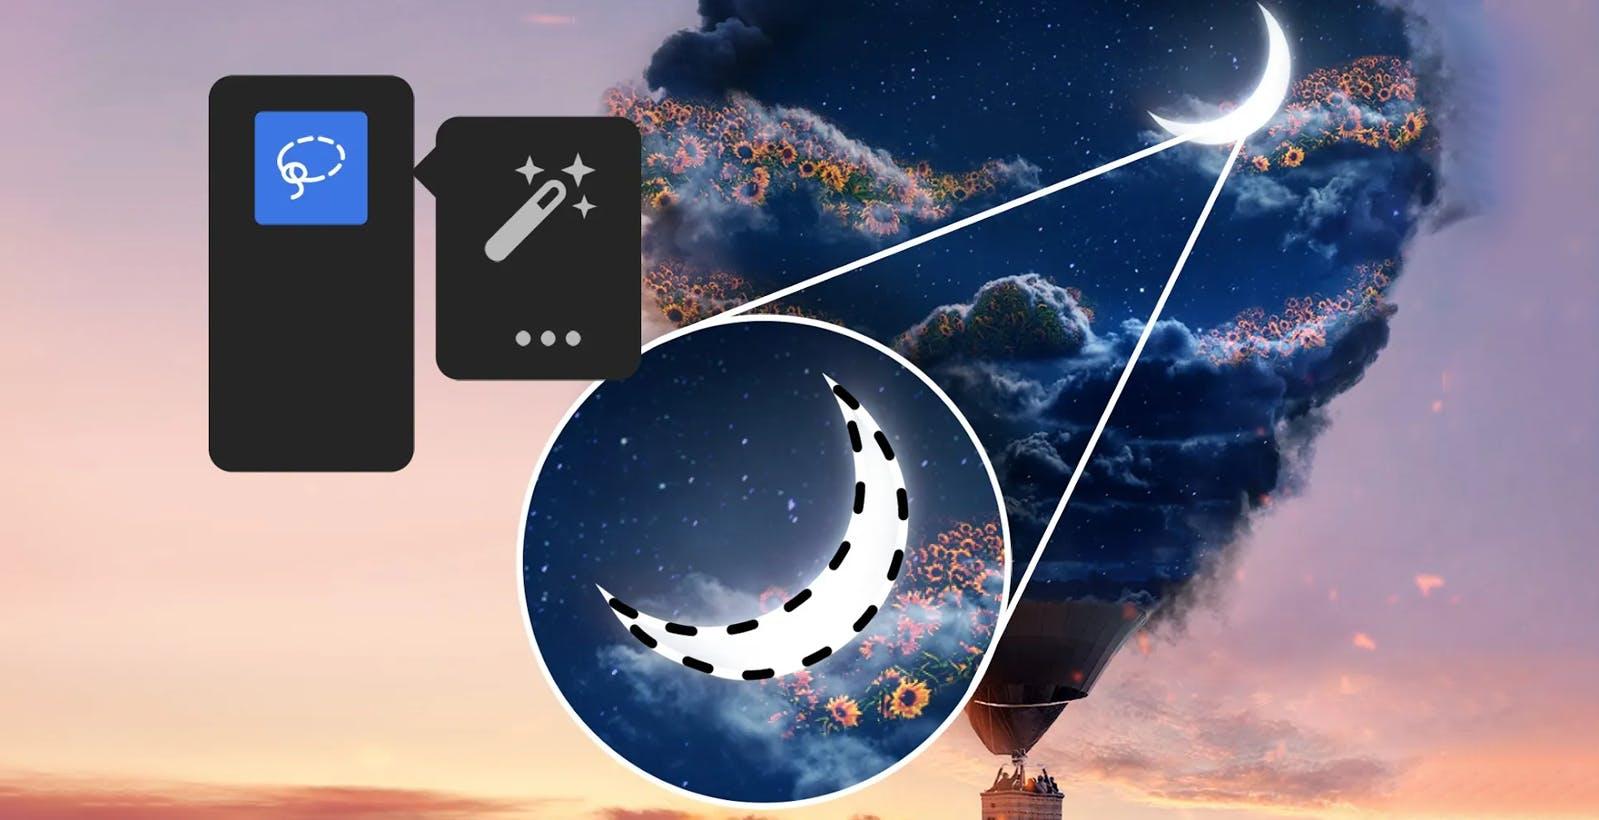 Photoshop per iPad ha finalmente la Bacchetta magica e il Pennello correttivo